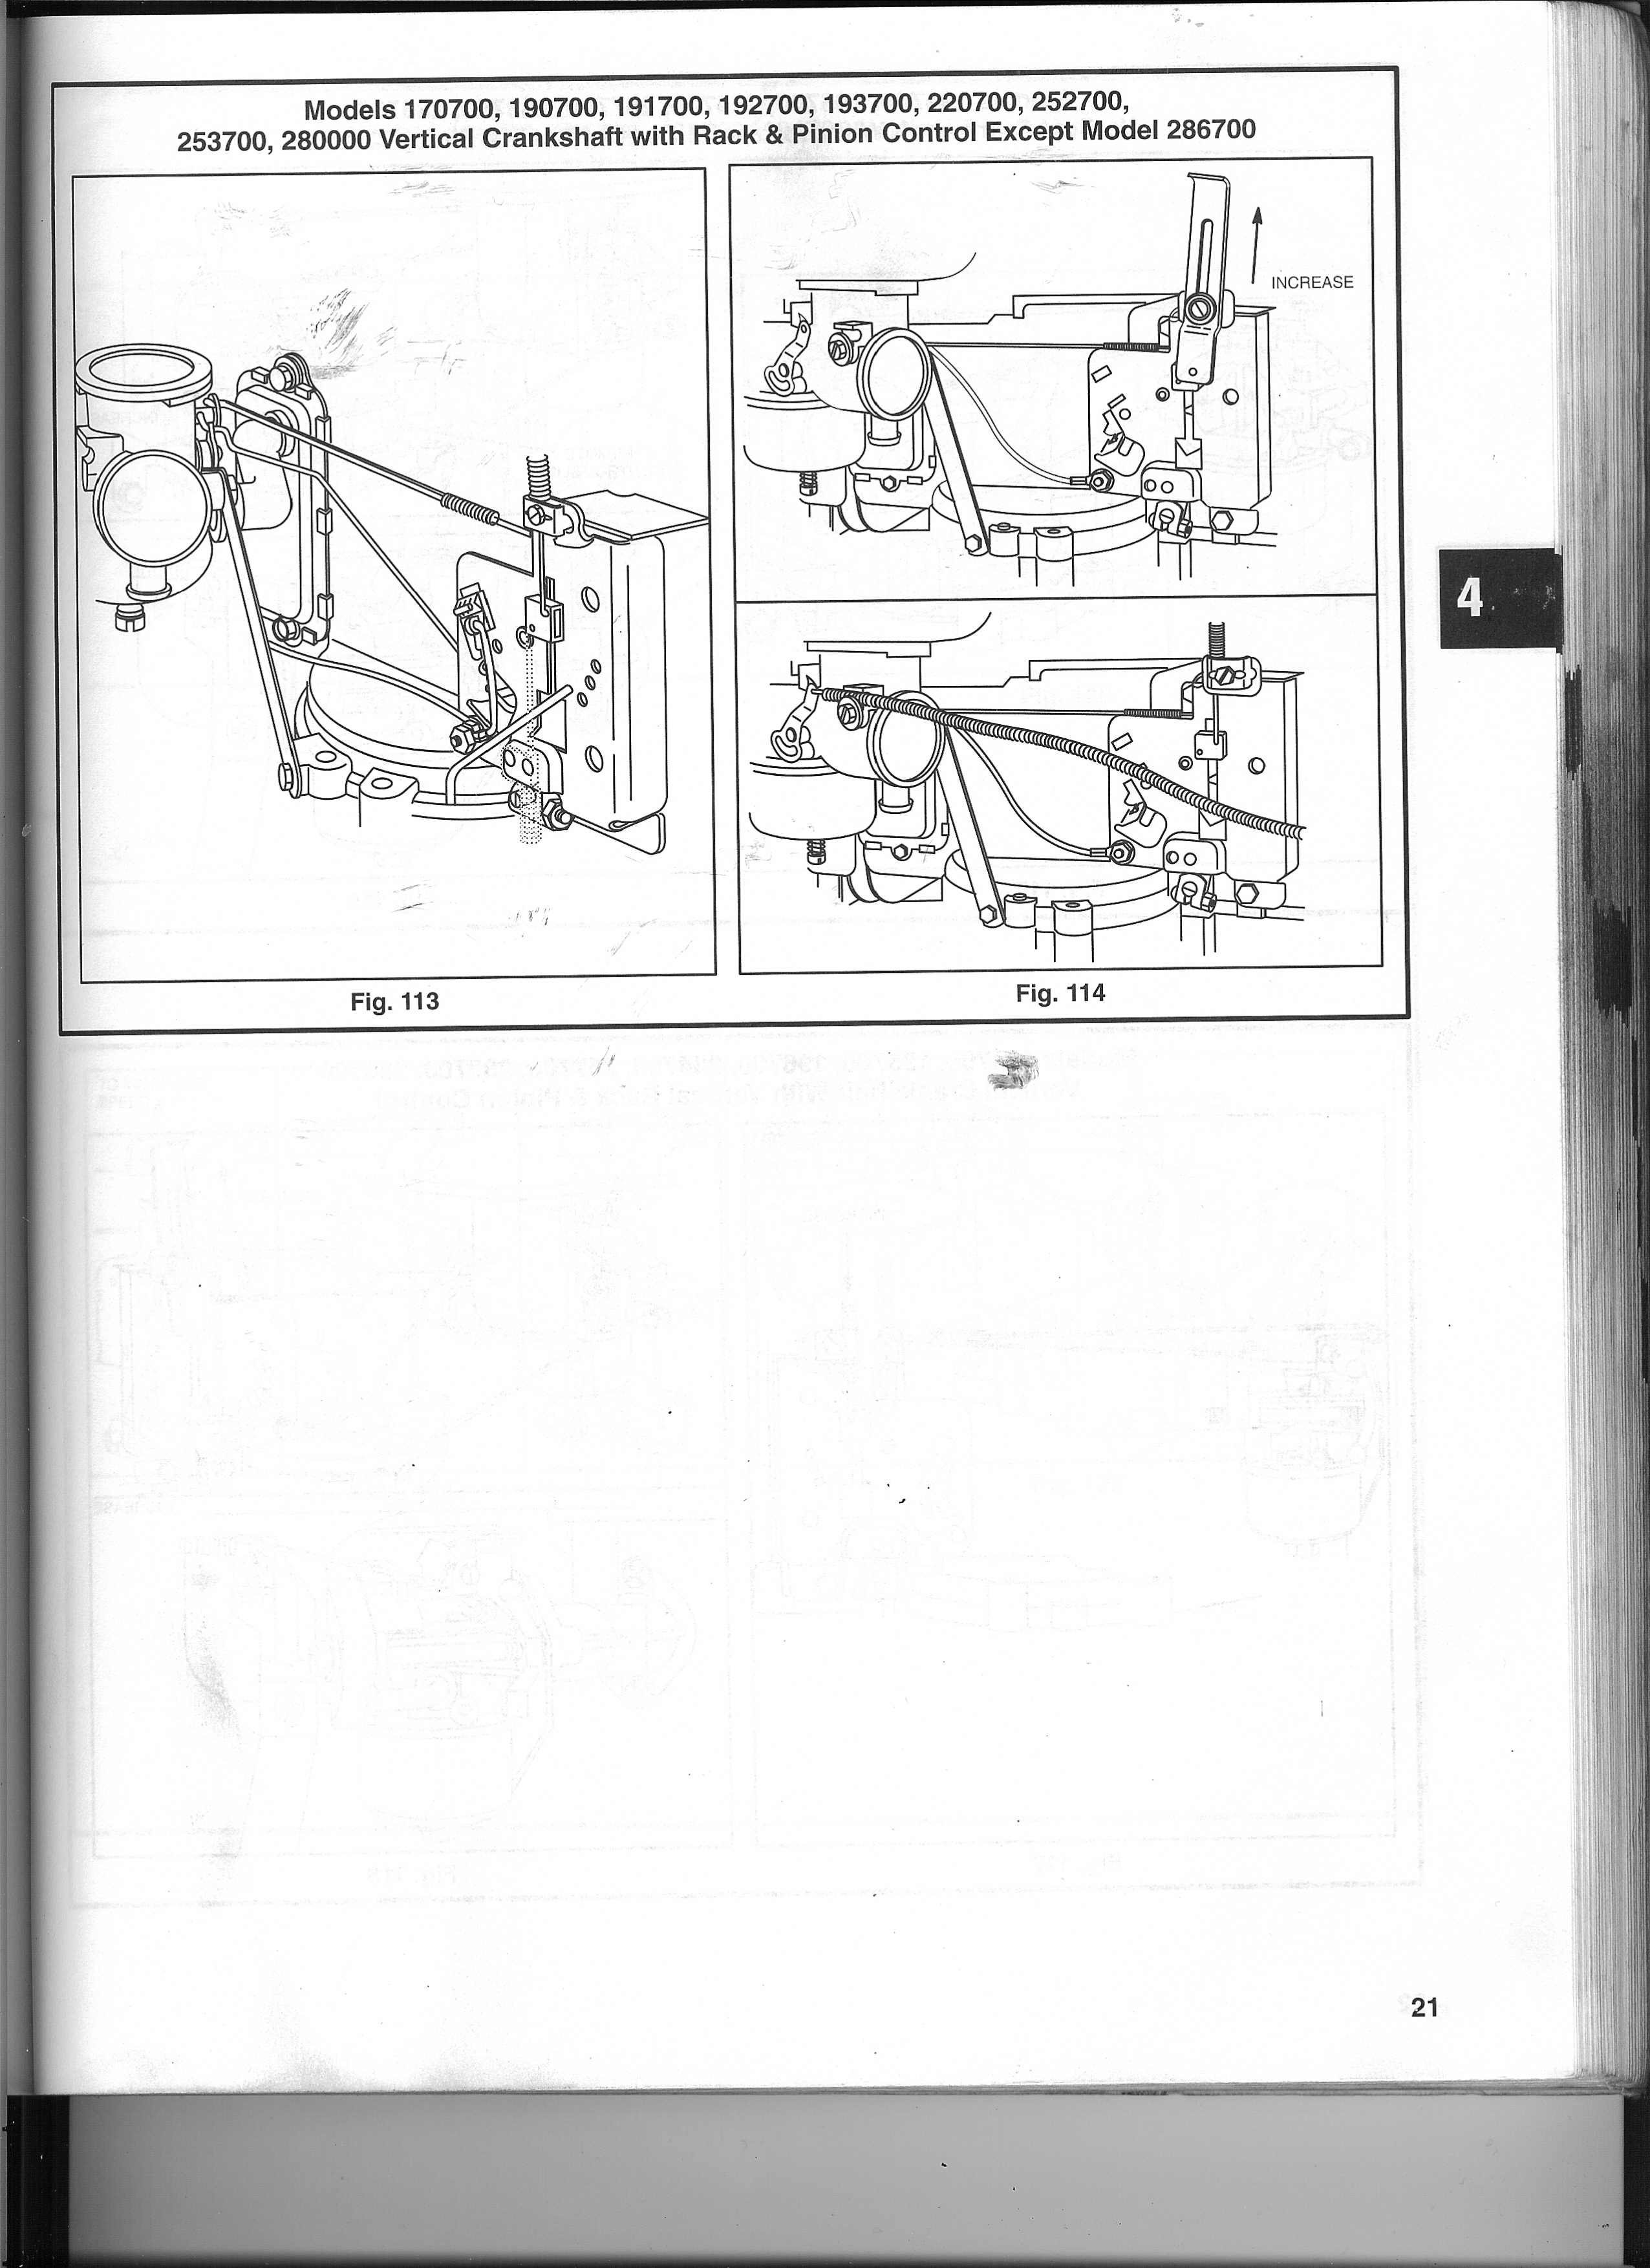 John Deere 100 8hp Briggs & Stratton | My Tractor Forum on 8 hp briggs parts, 8 hp briggs carburetor, 8 hp briggs engine,